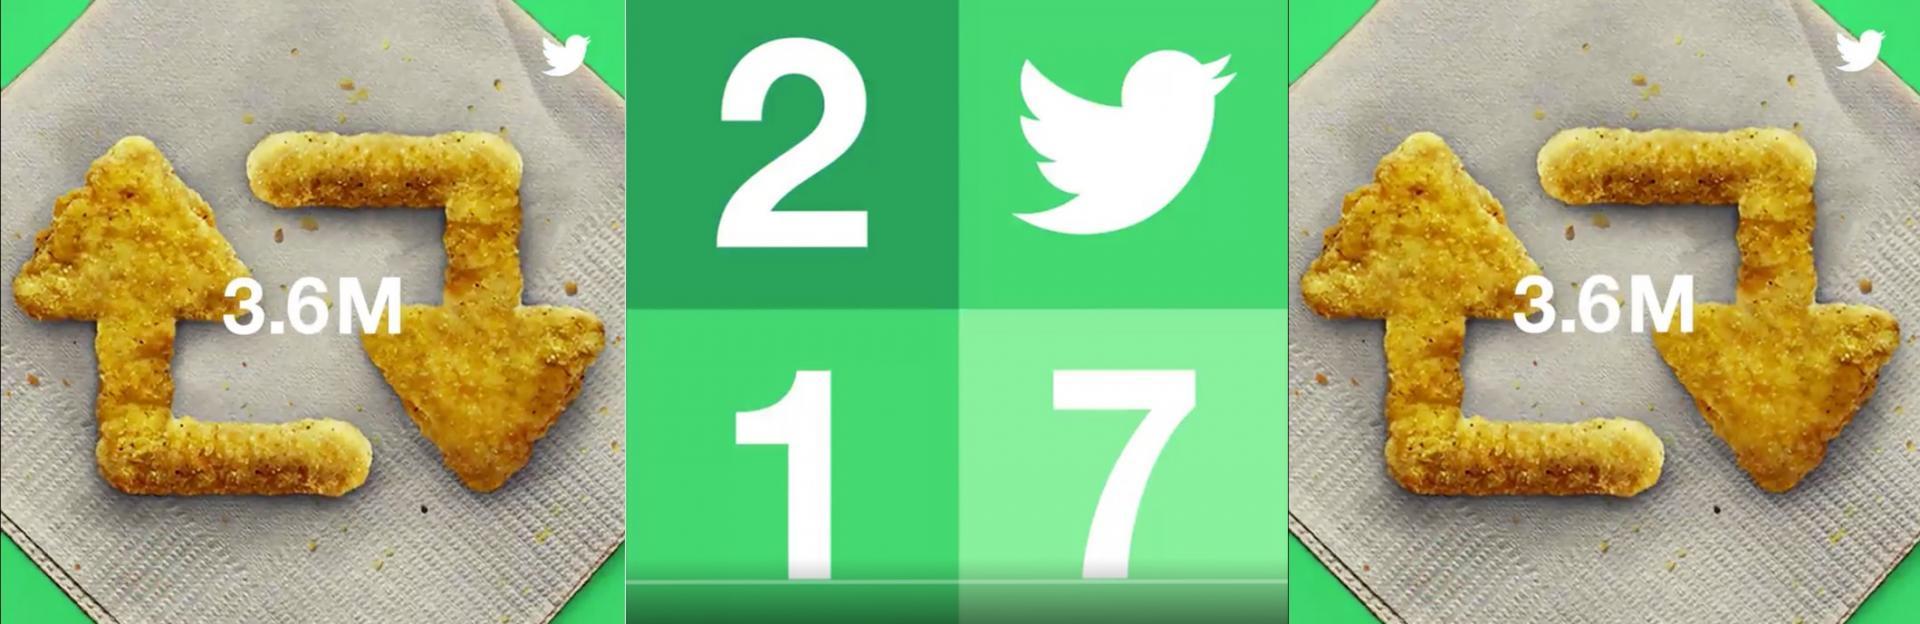 Il 2017 su Twitter: i tweet più retwittati, gli account più popolari